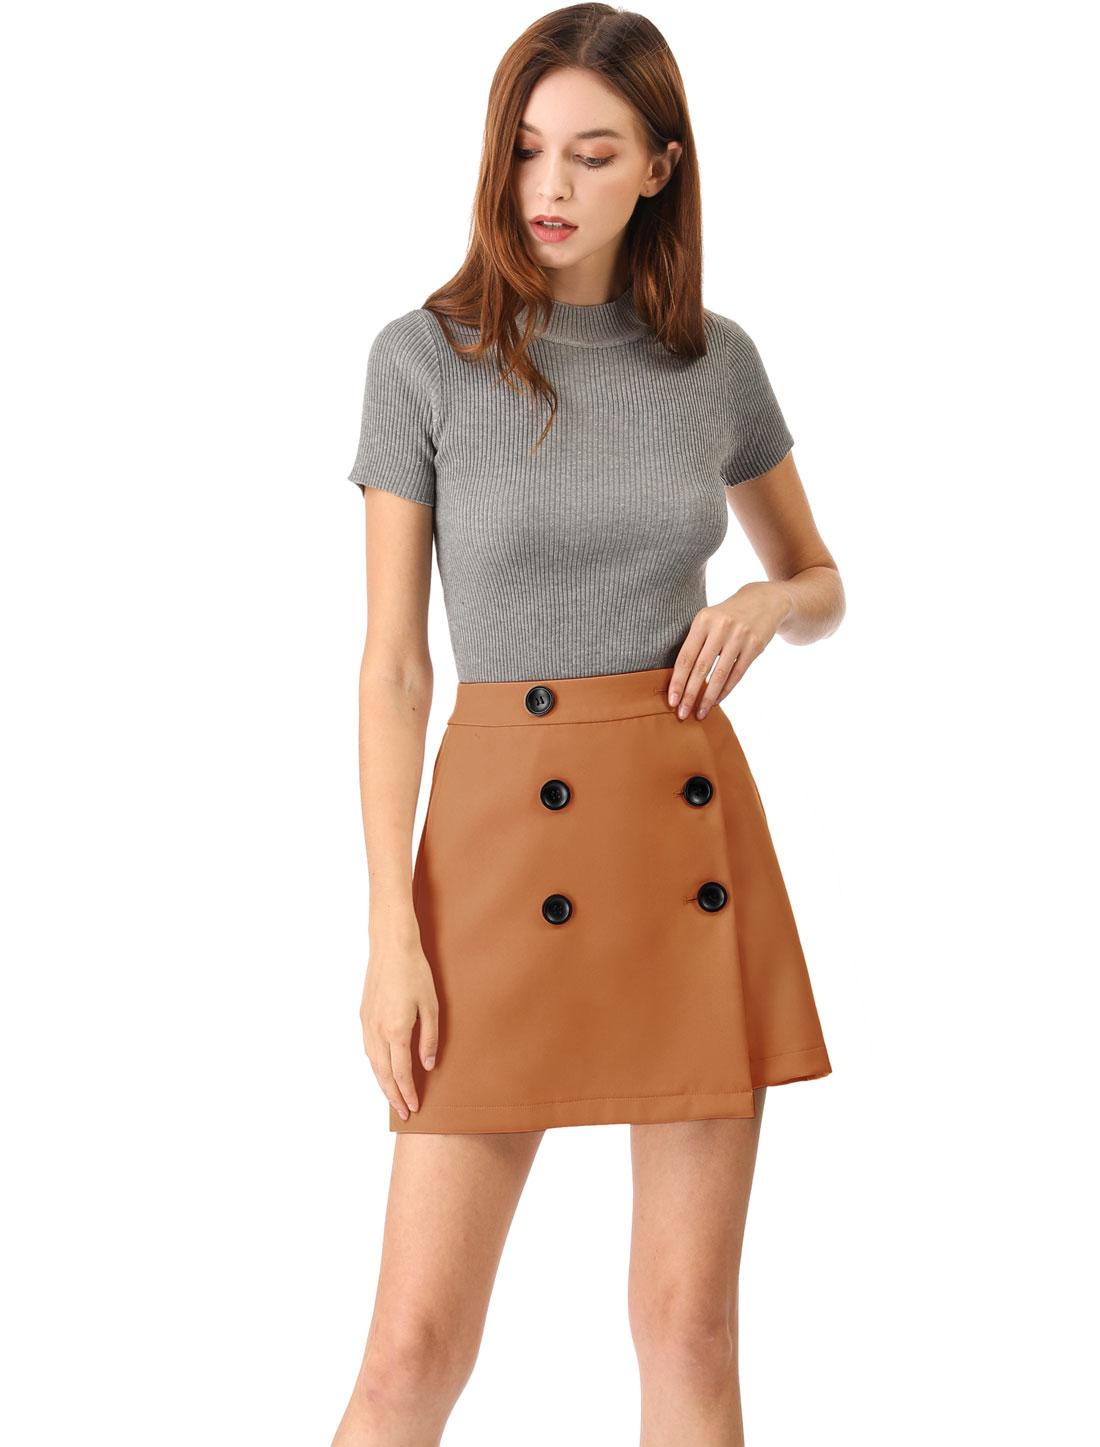 Women's High Waist A-line Above Knee Button Up Skirt Brown XS